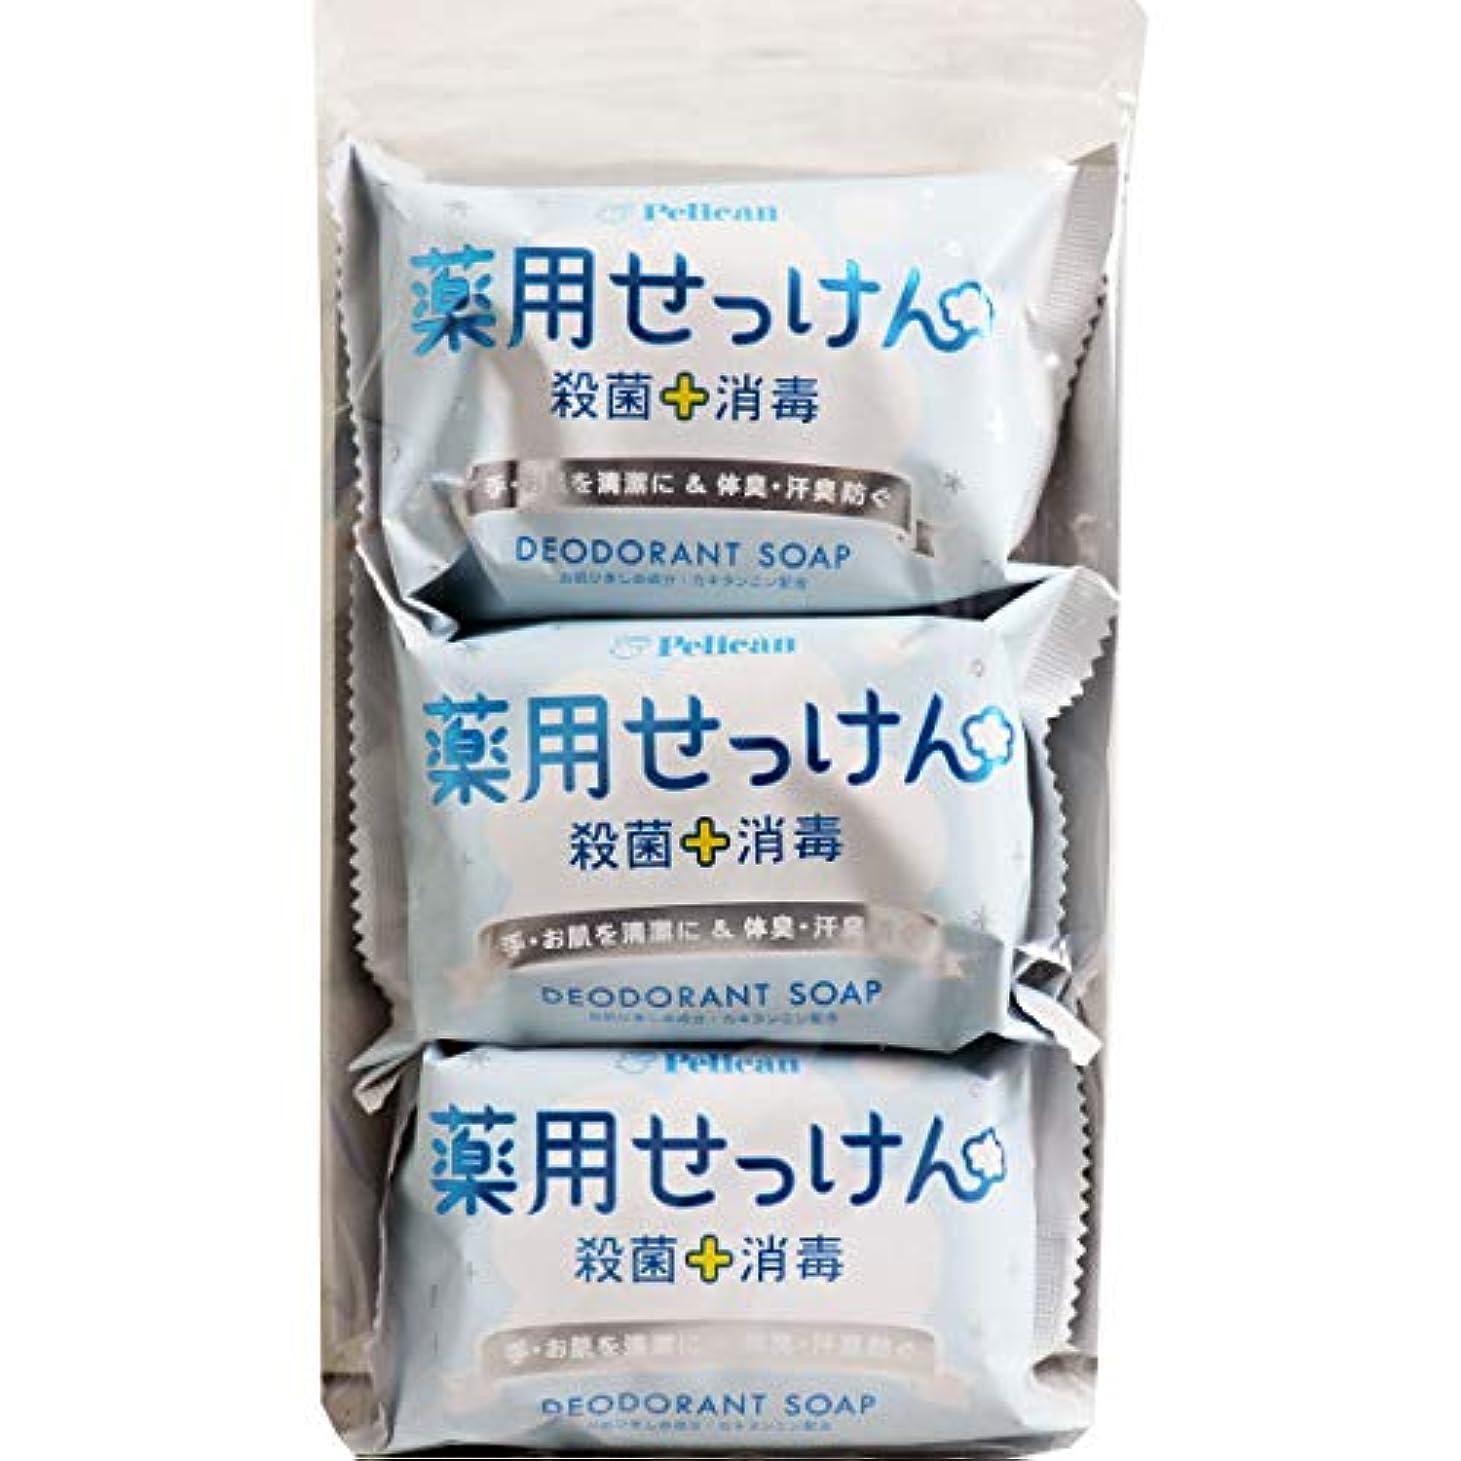 ブラスト泥だらけするペリカン石鹸 薬用石けん 85g×3個×4パック